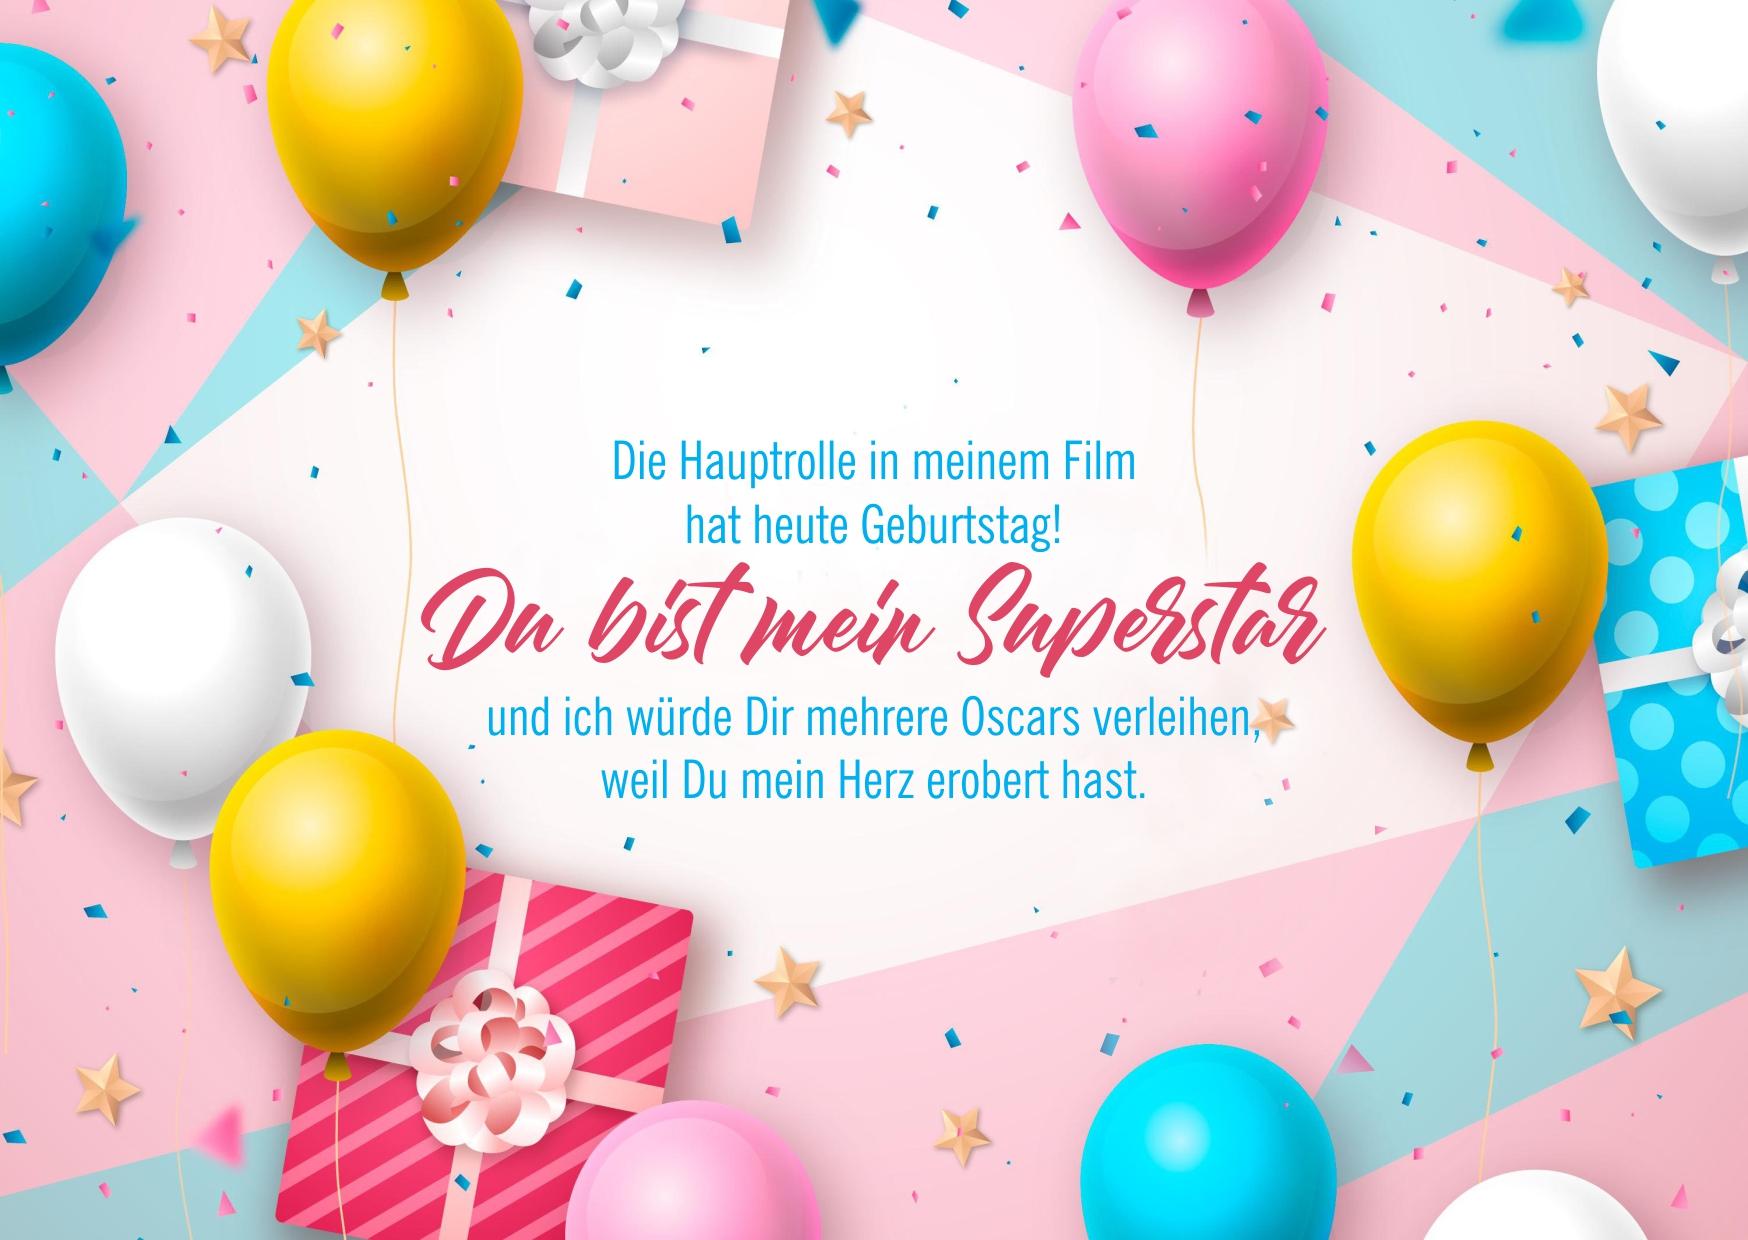 Geburtstagskarte mit Luftballons und Wünschen